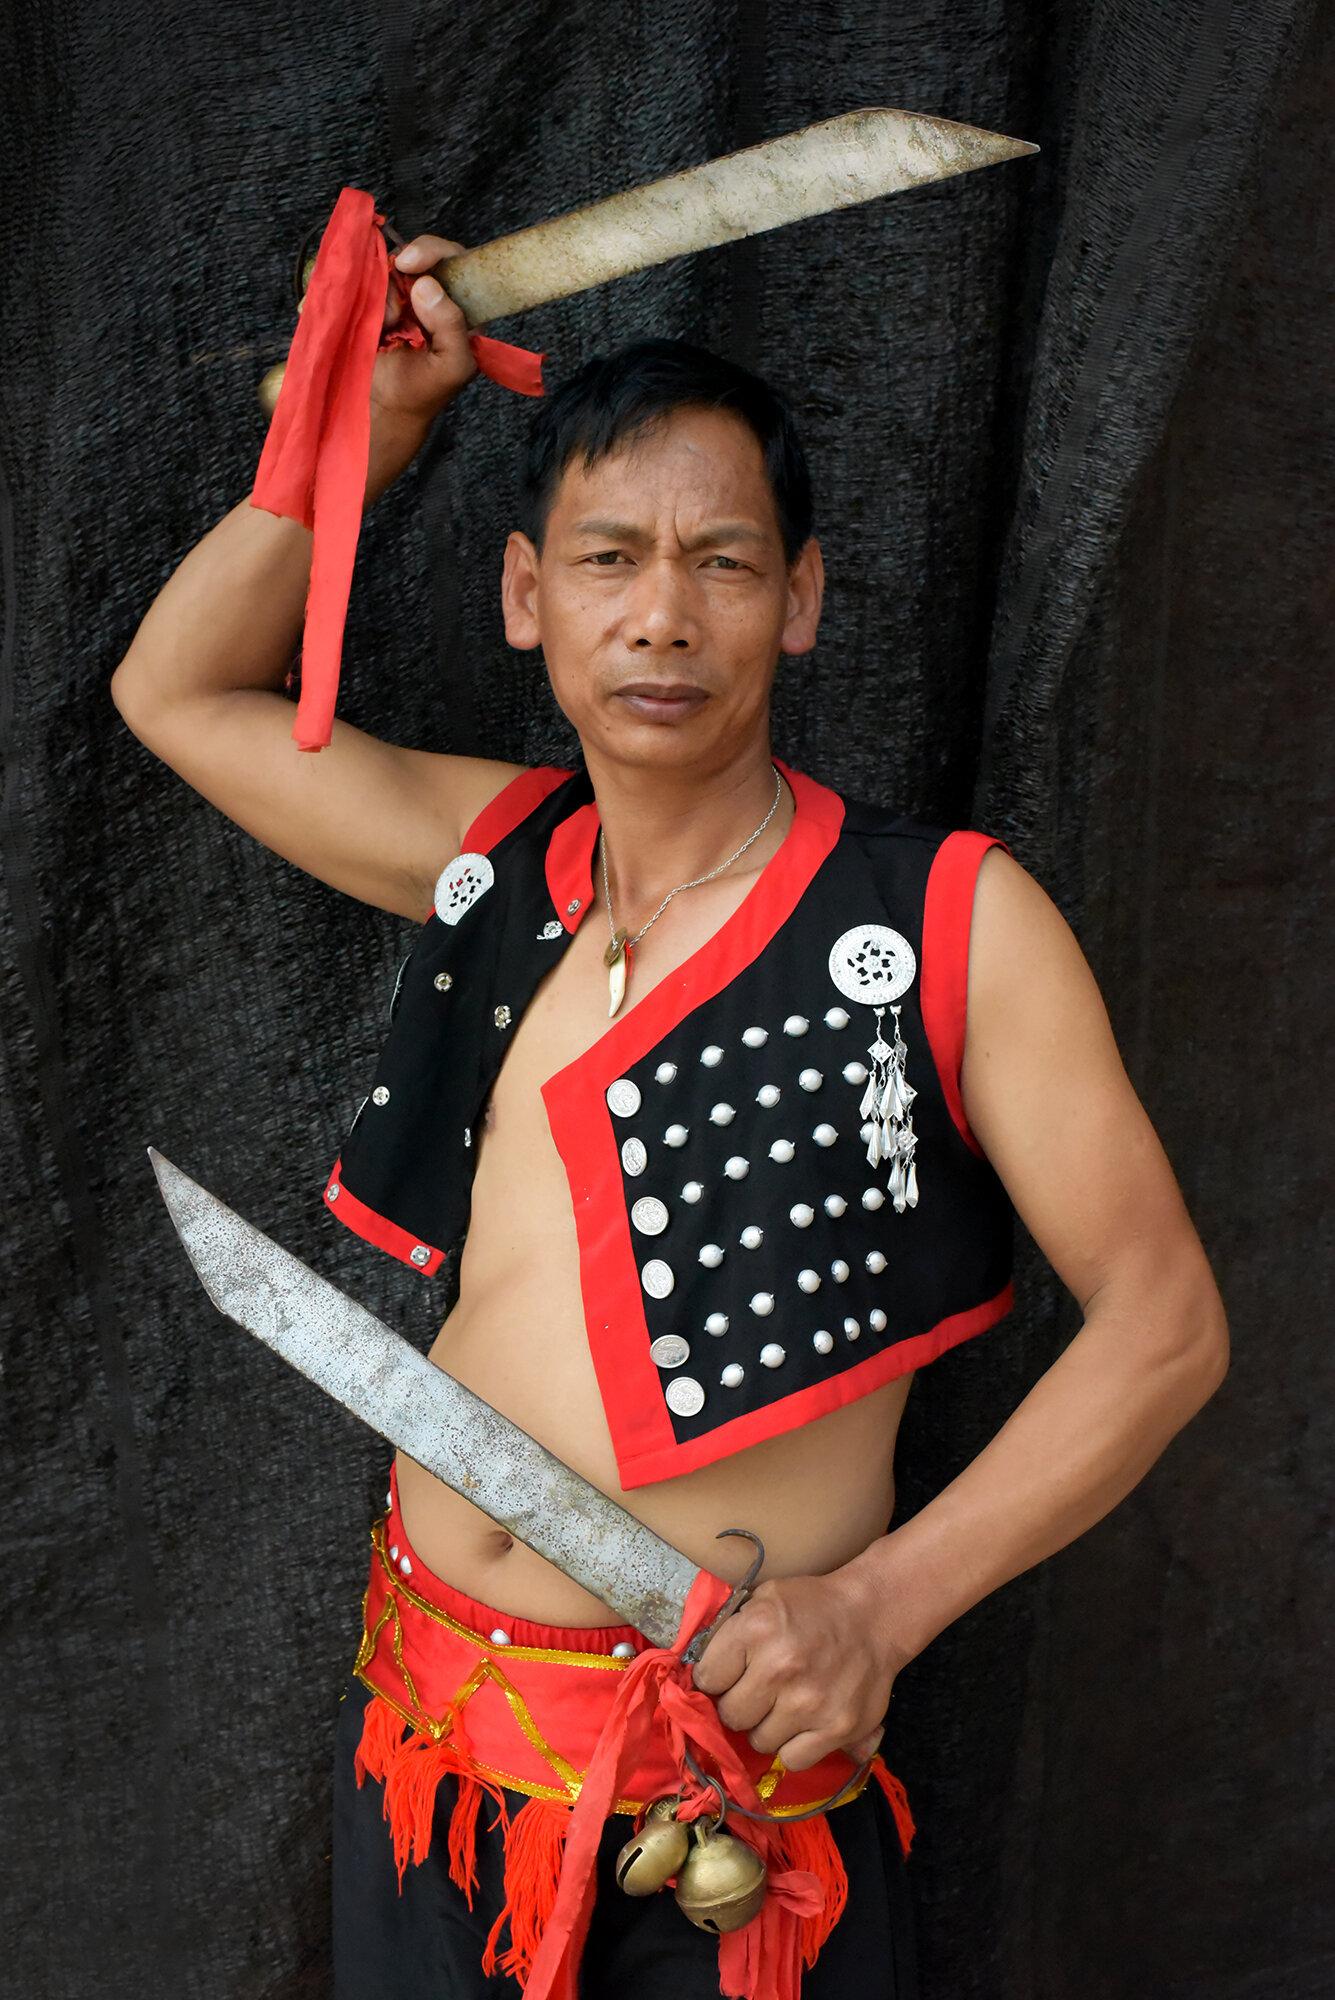 Intangible Cultural Heritage dancer, Yunnan, China, 2018